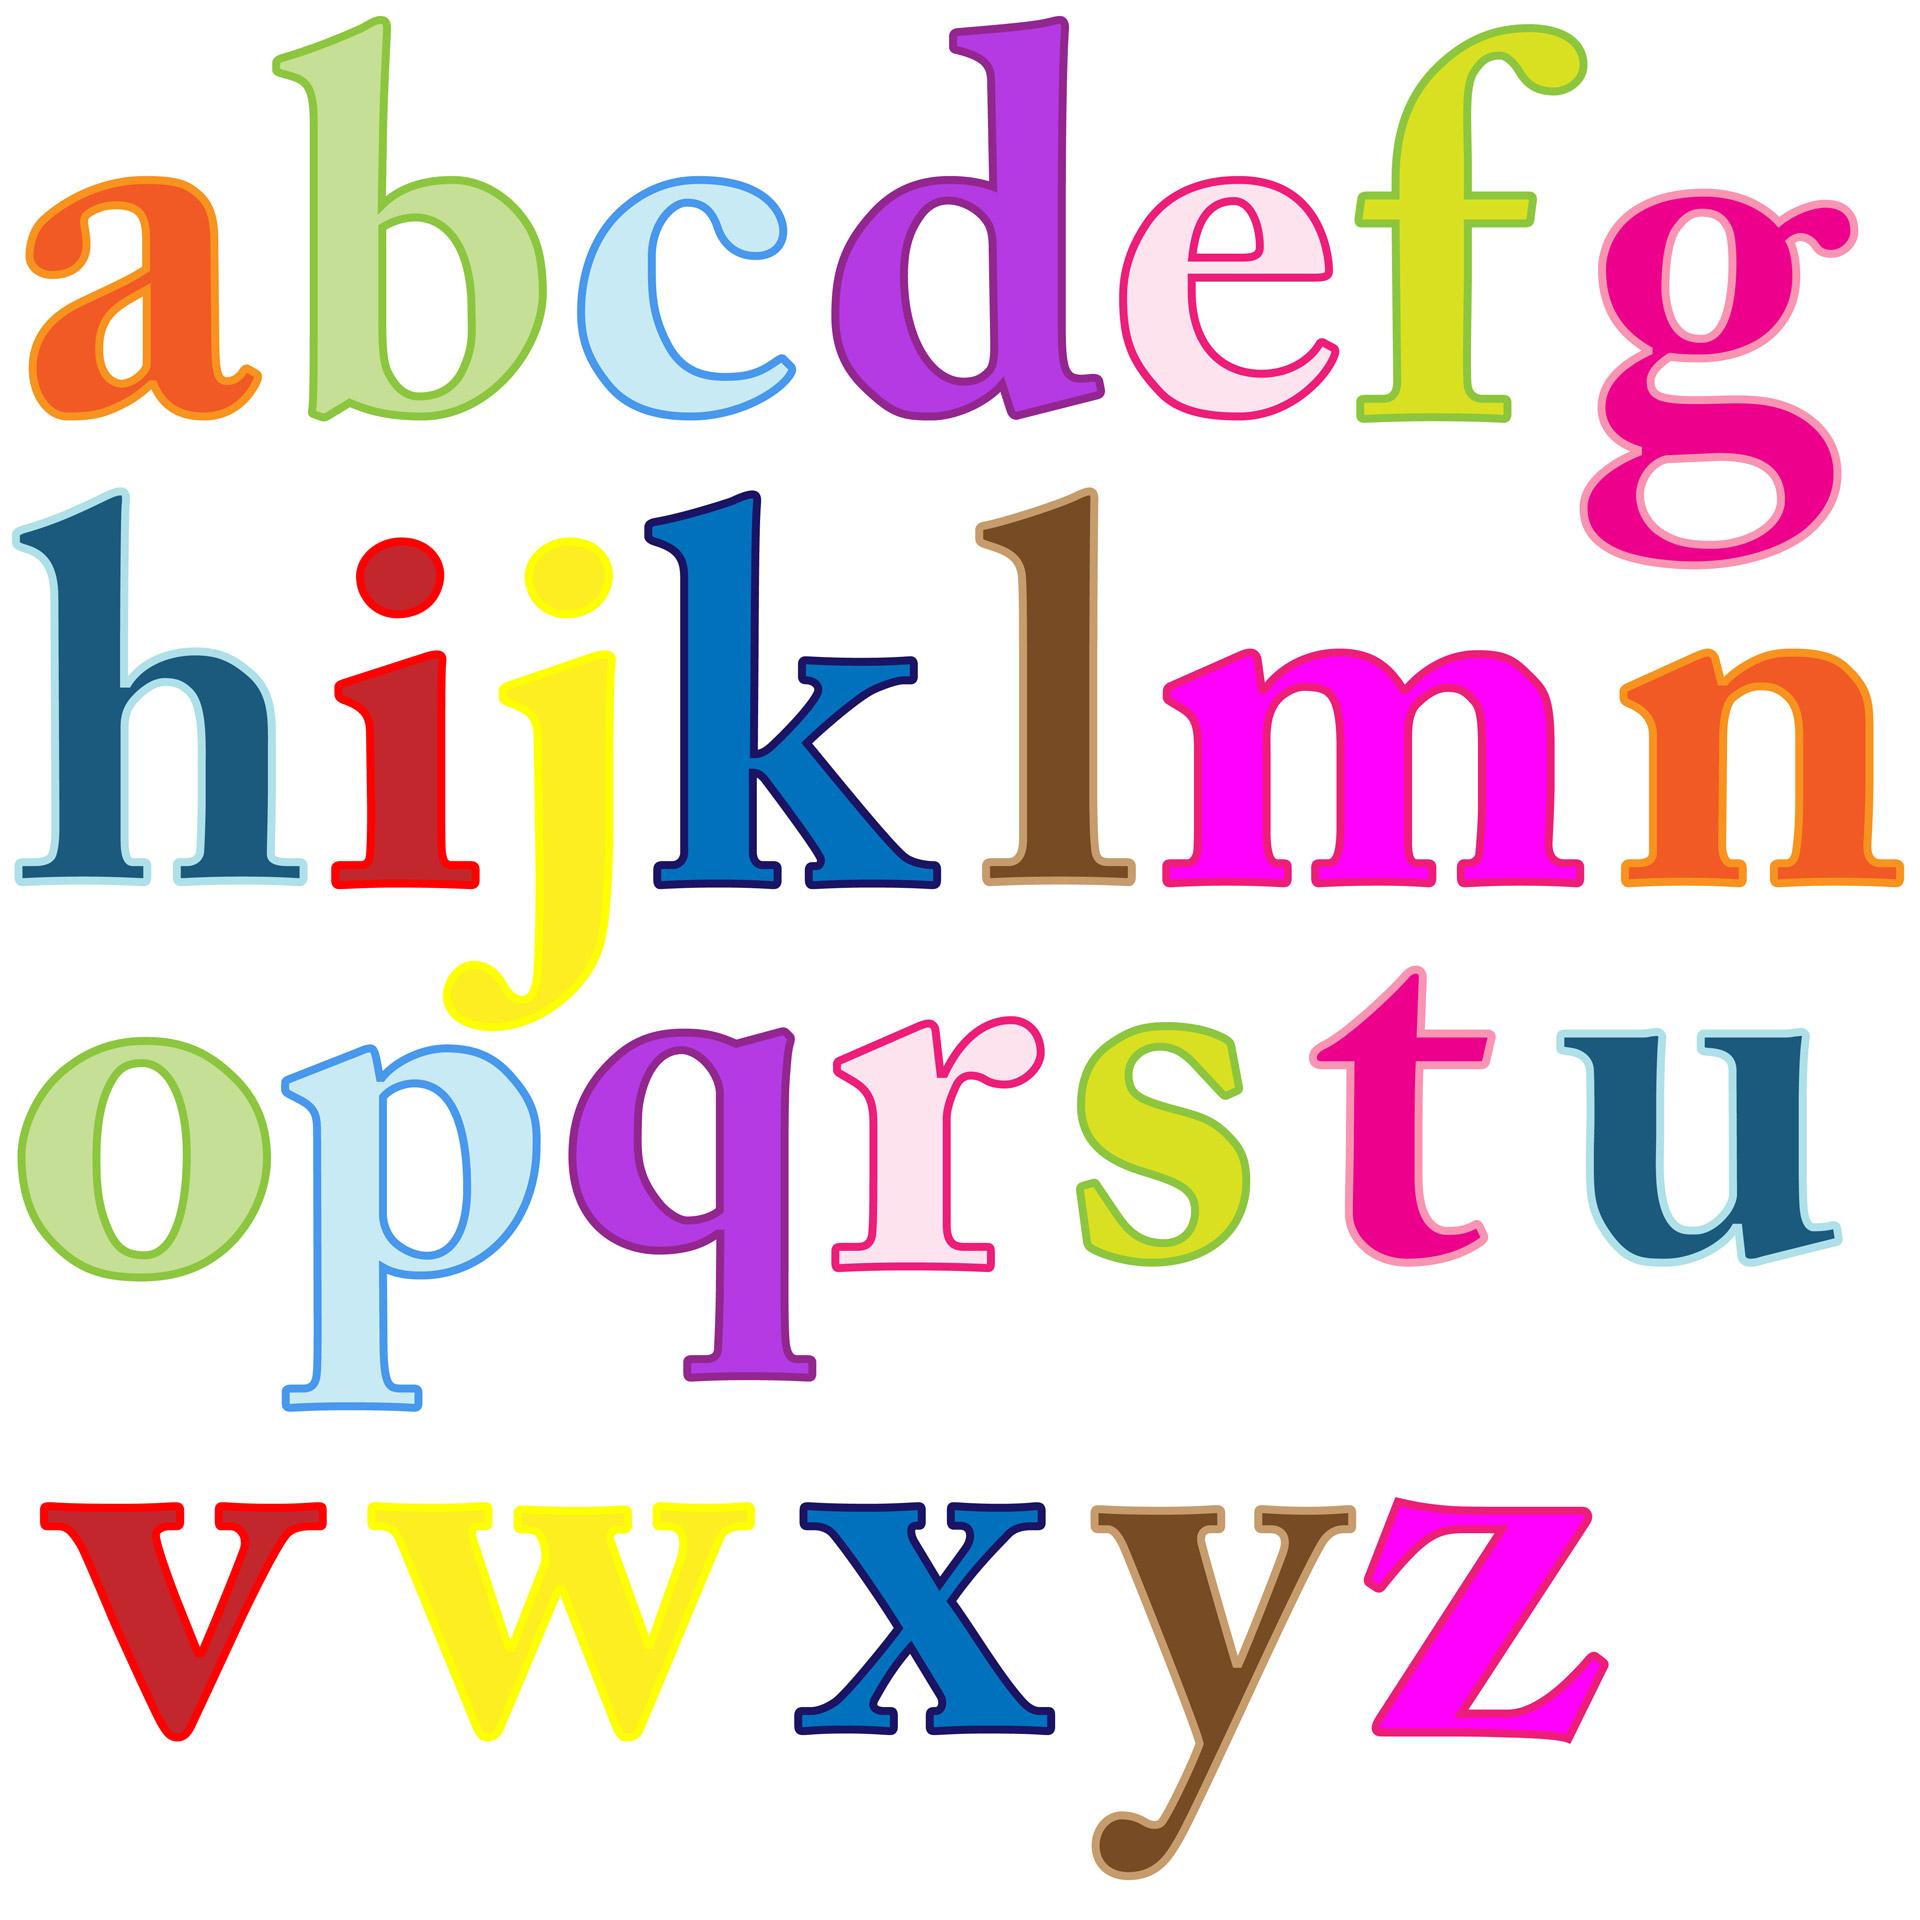 Alphabet letters printable letter alphabets alphabet letters org.